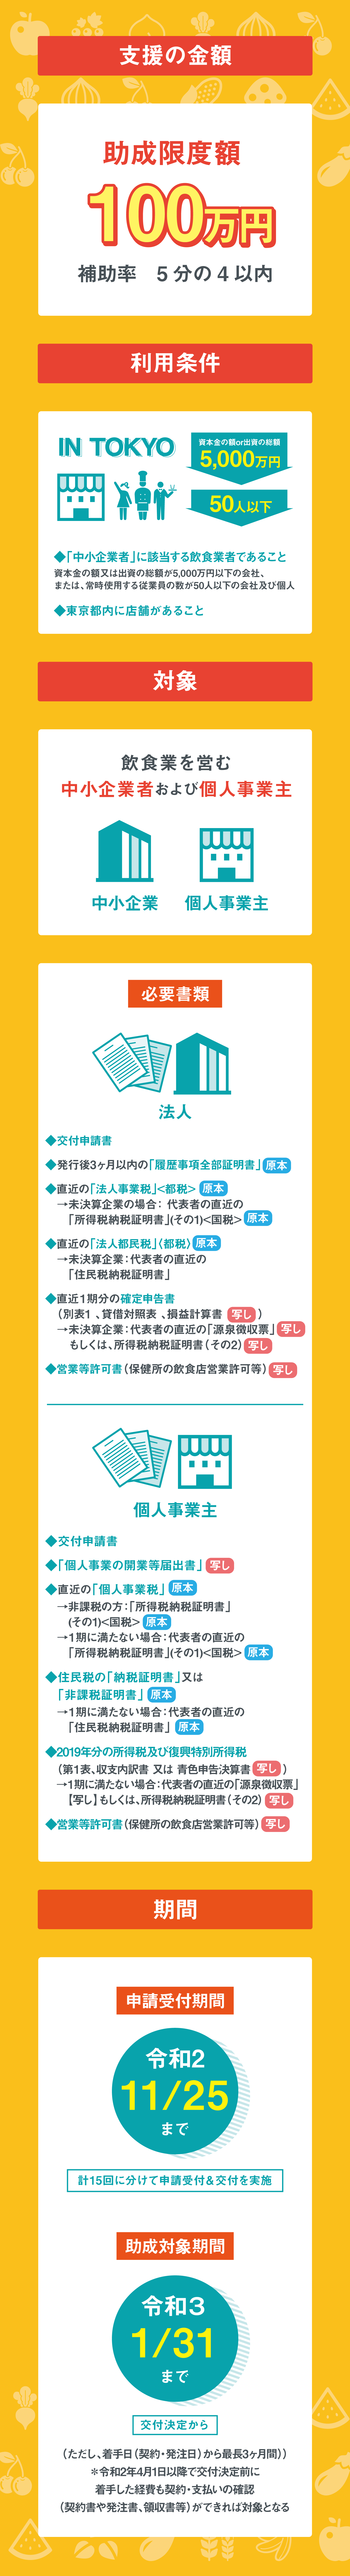 361937d54eaaf6731f37235c35f92cfd - 【中小企業向け】新たな飲食サービスを開始する場合、お金がもらえます。